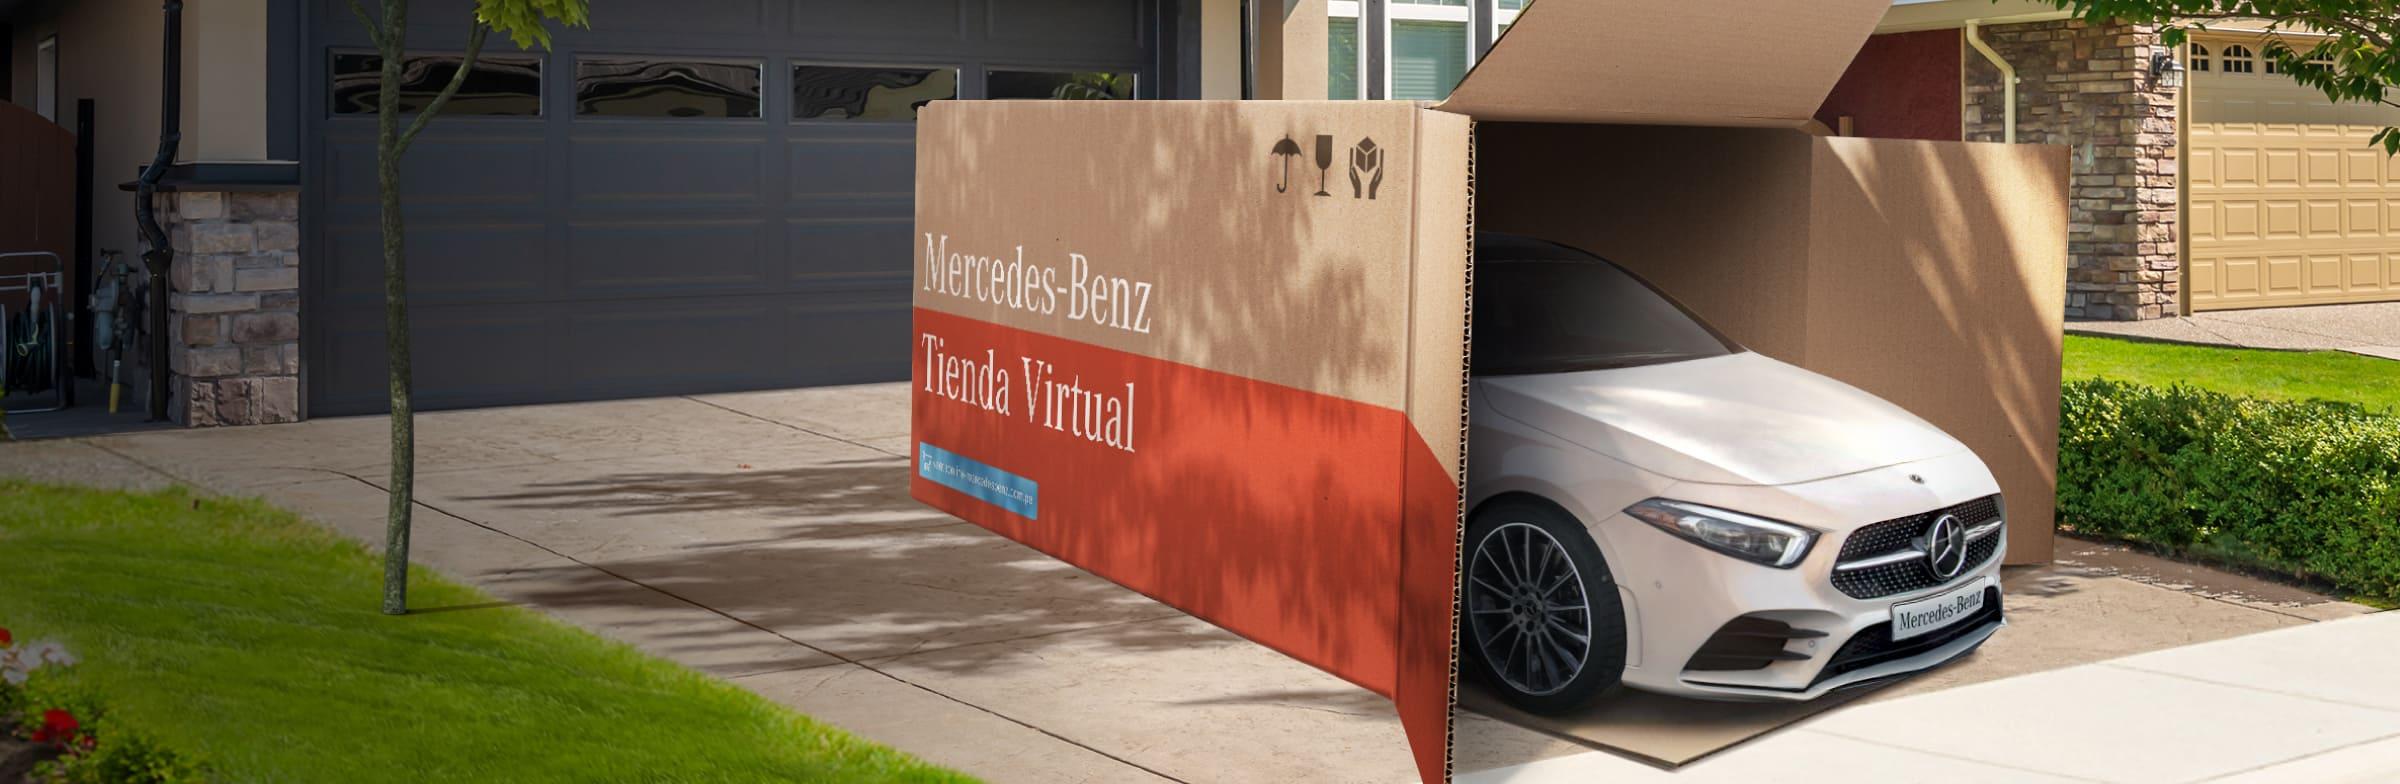 Nueva Tienda Virtual Mercedes-Benz